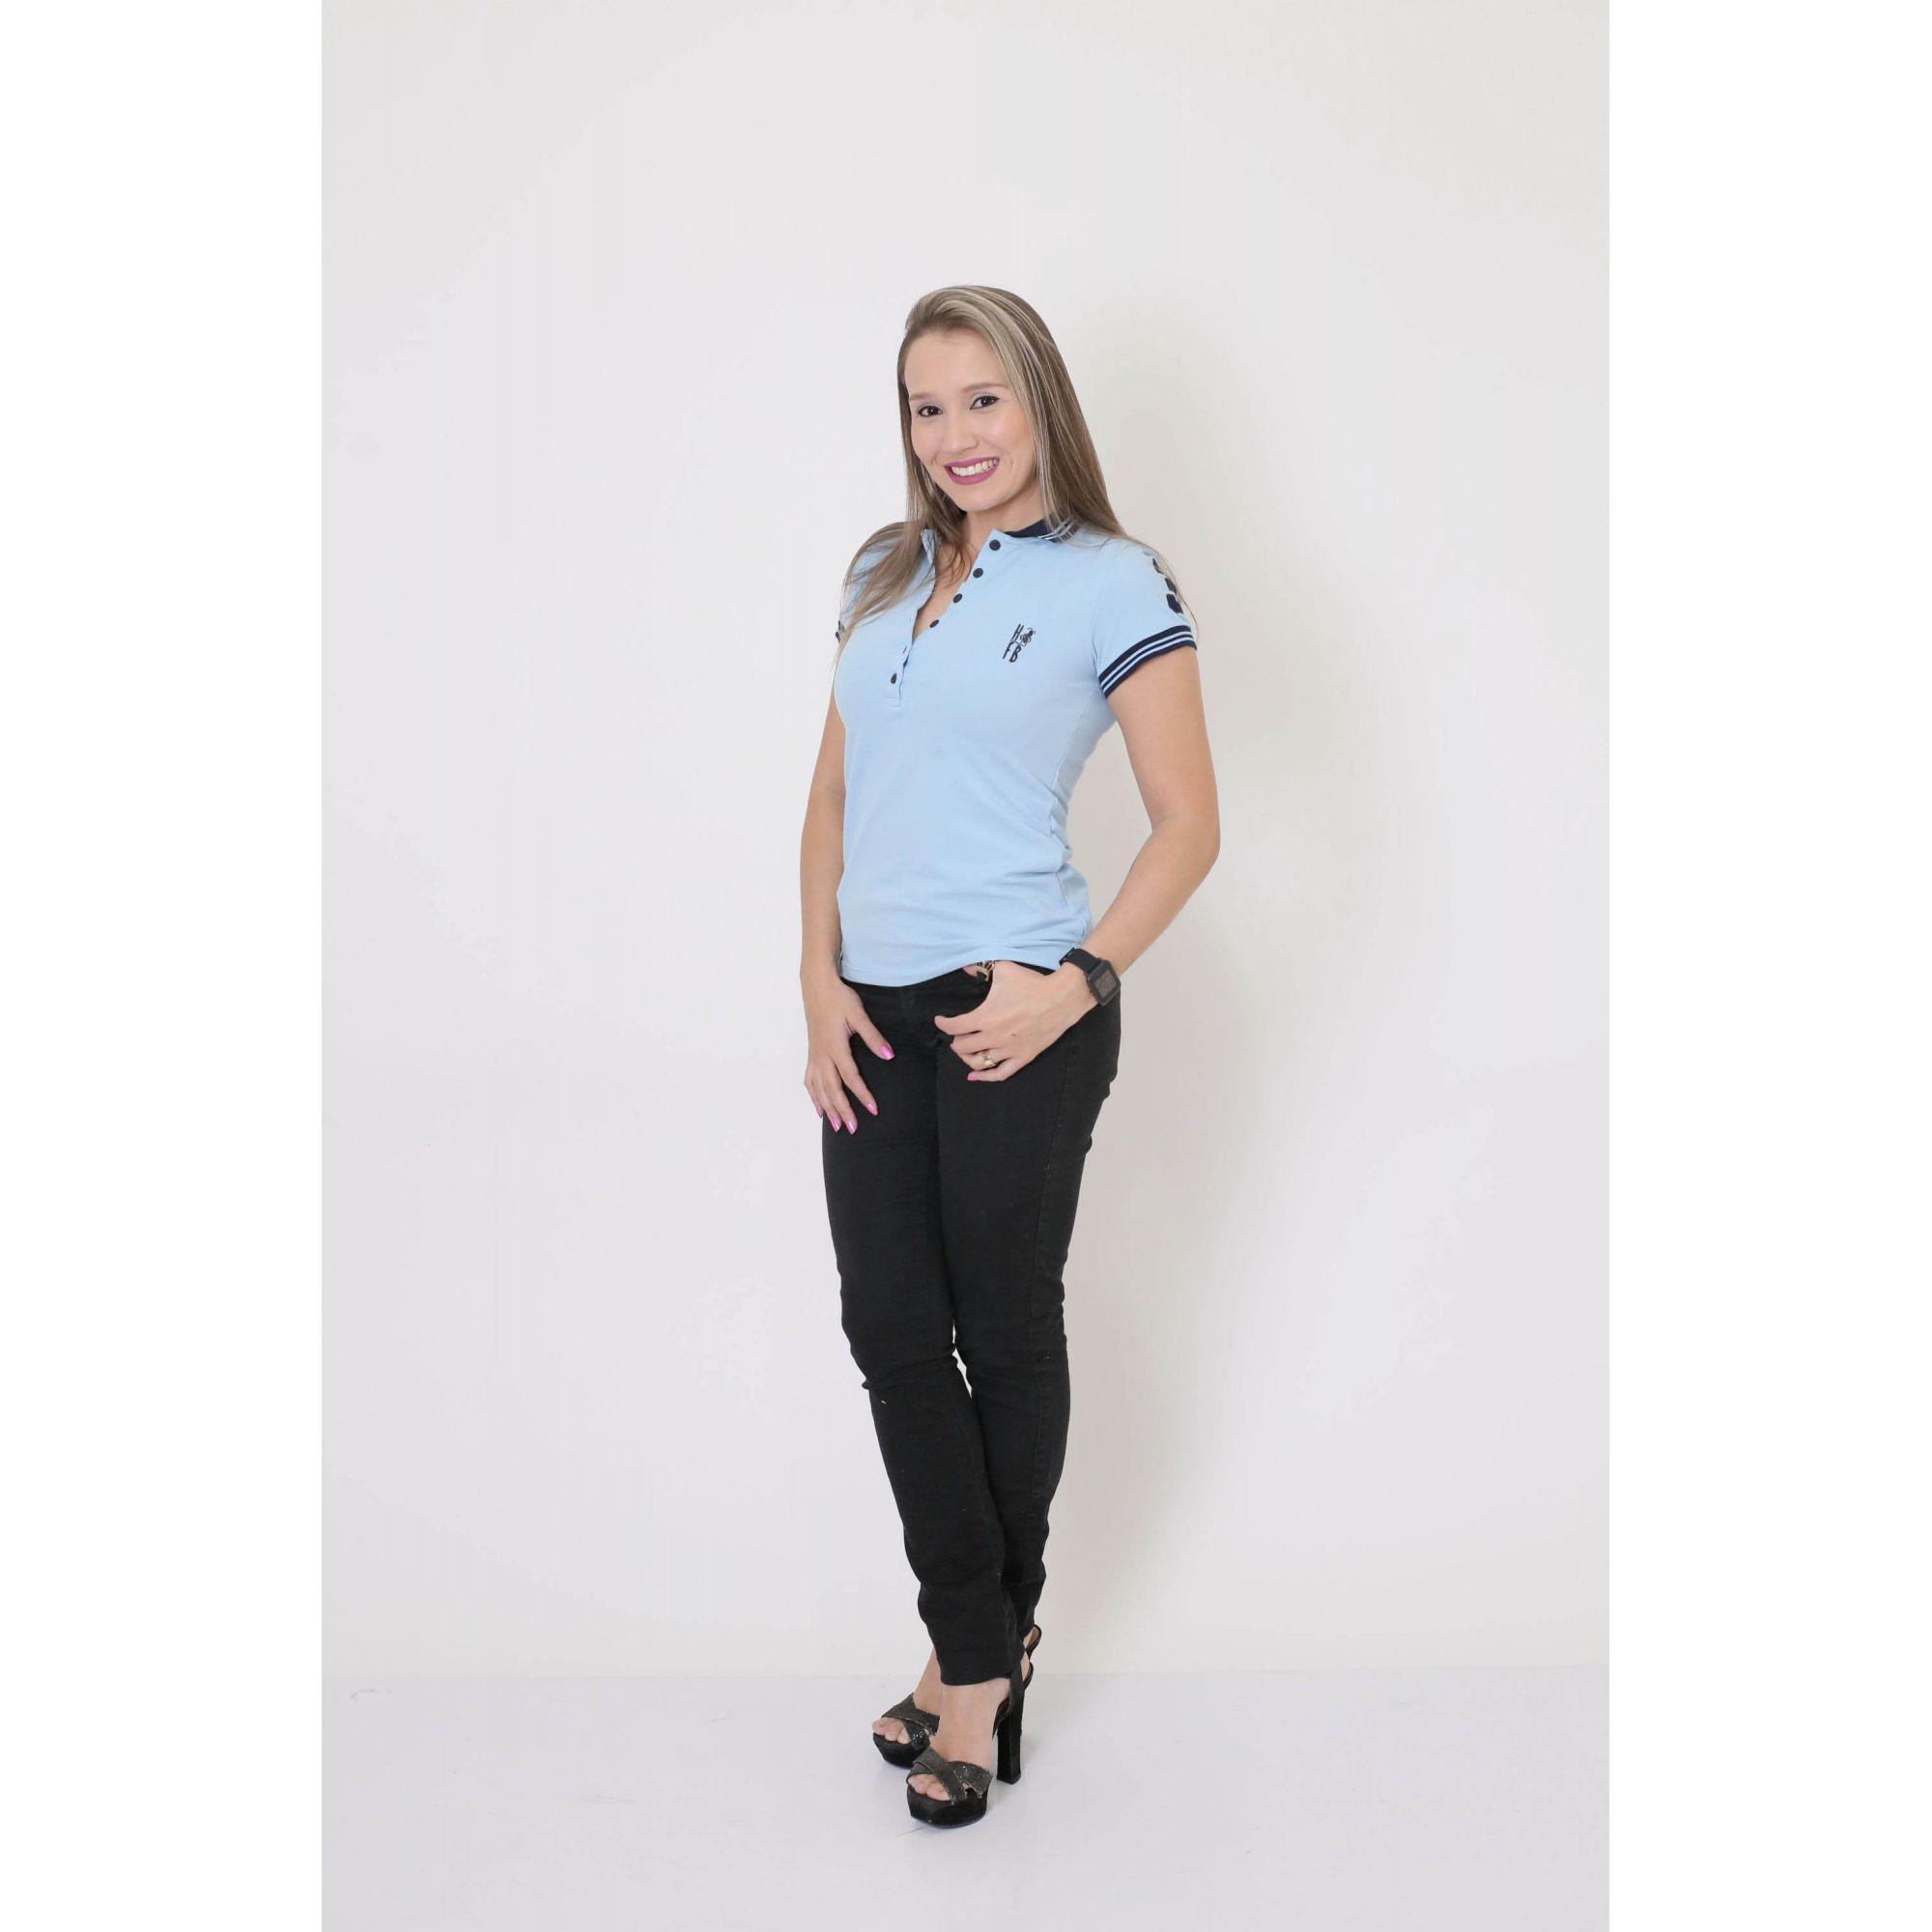 PAIS E PET > Kit 3 peças Camisas Polo + Bandana - Azul Nobreza [Coleção Família]  - Heitor Fashion Brazil